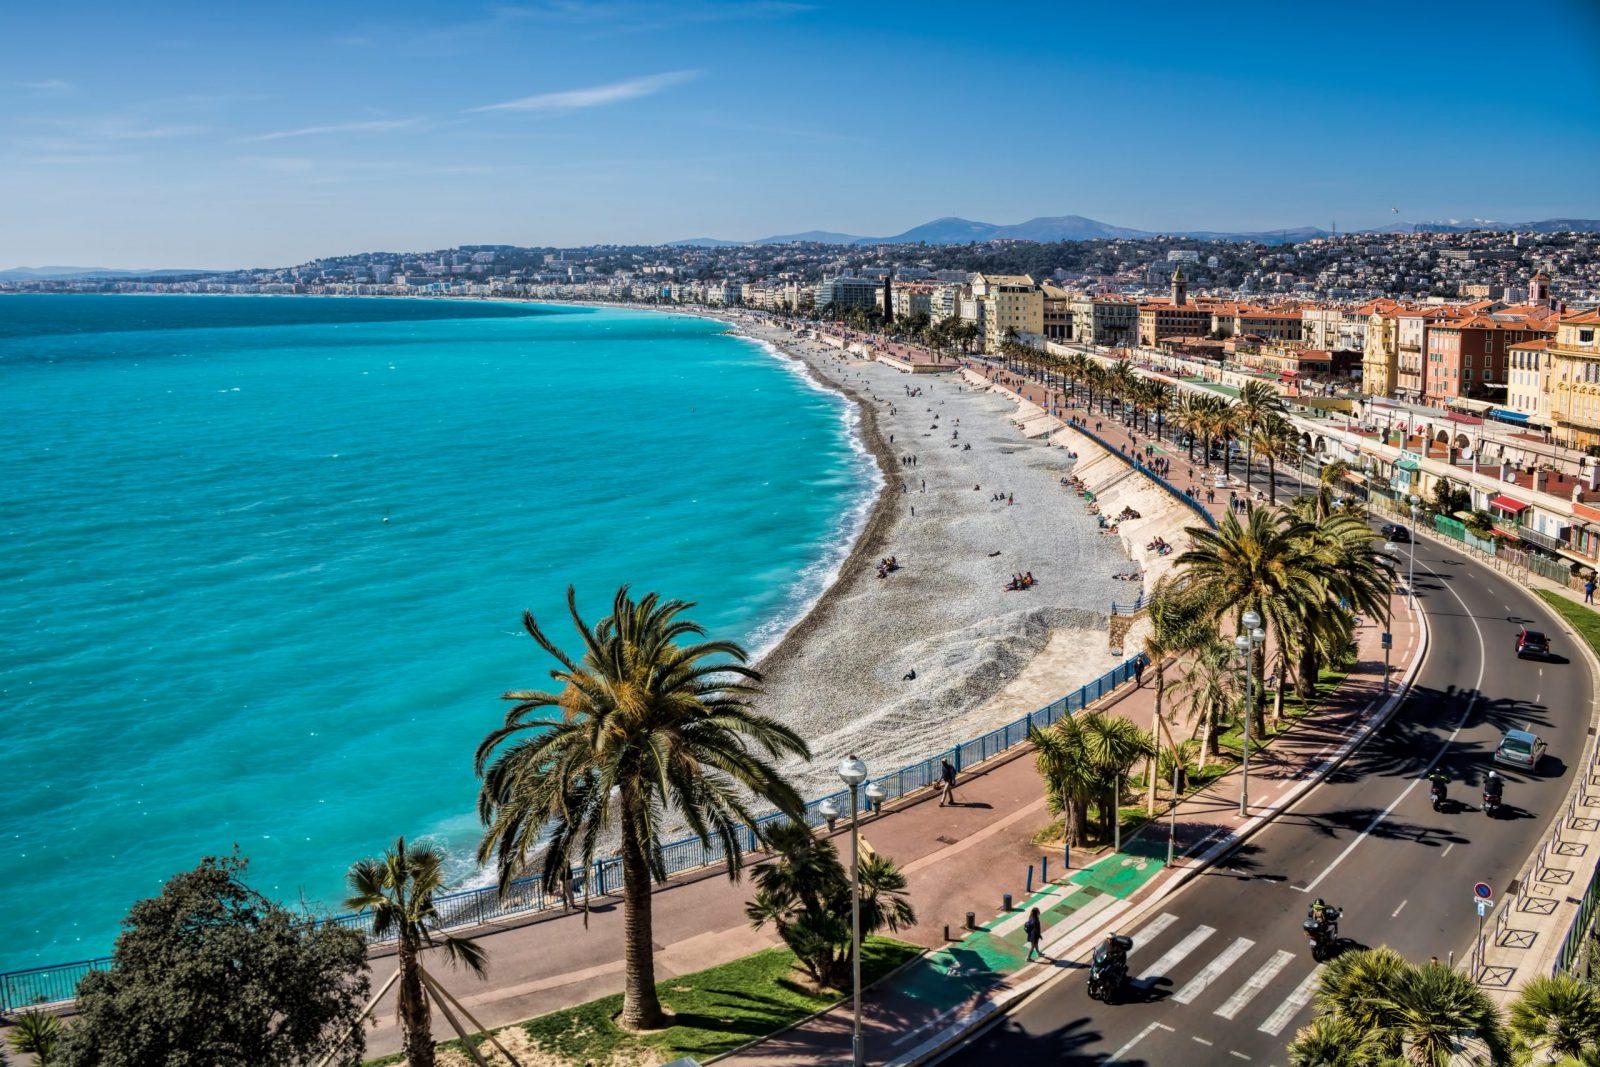 Qué lugares ver en Niza 📸